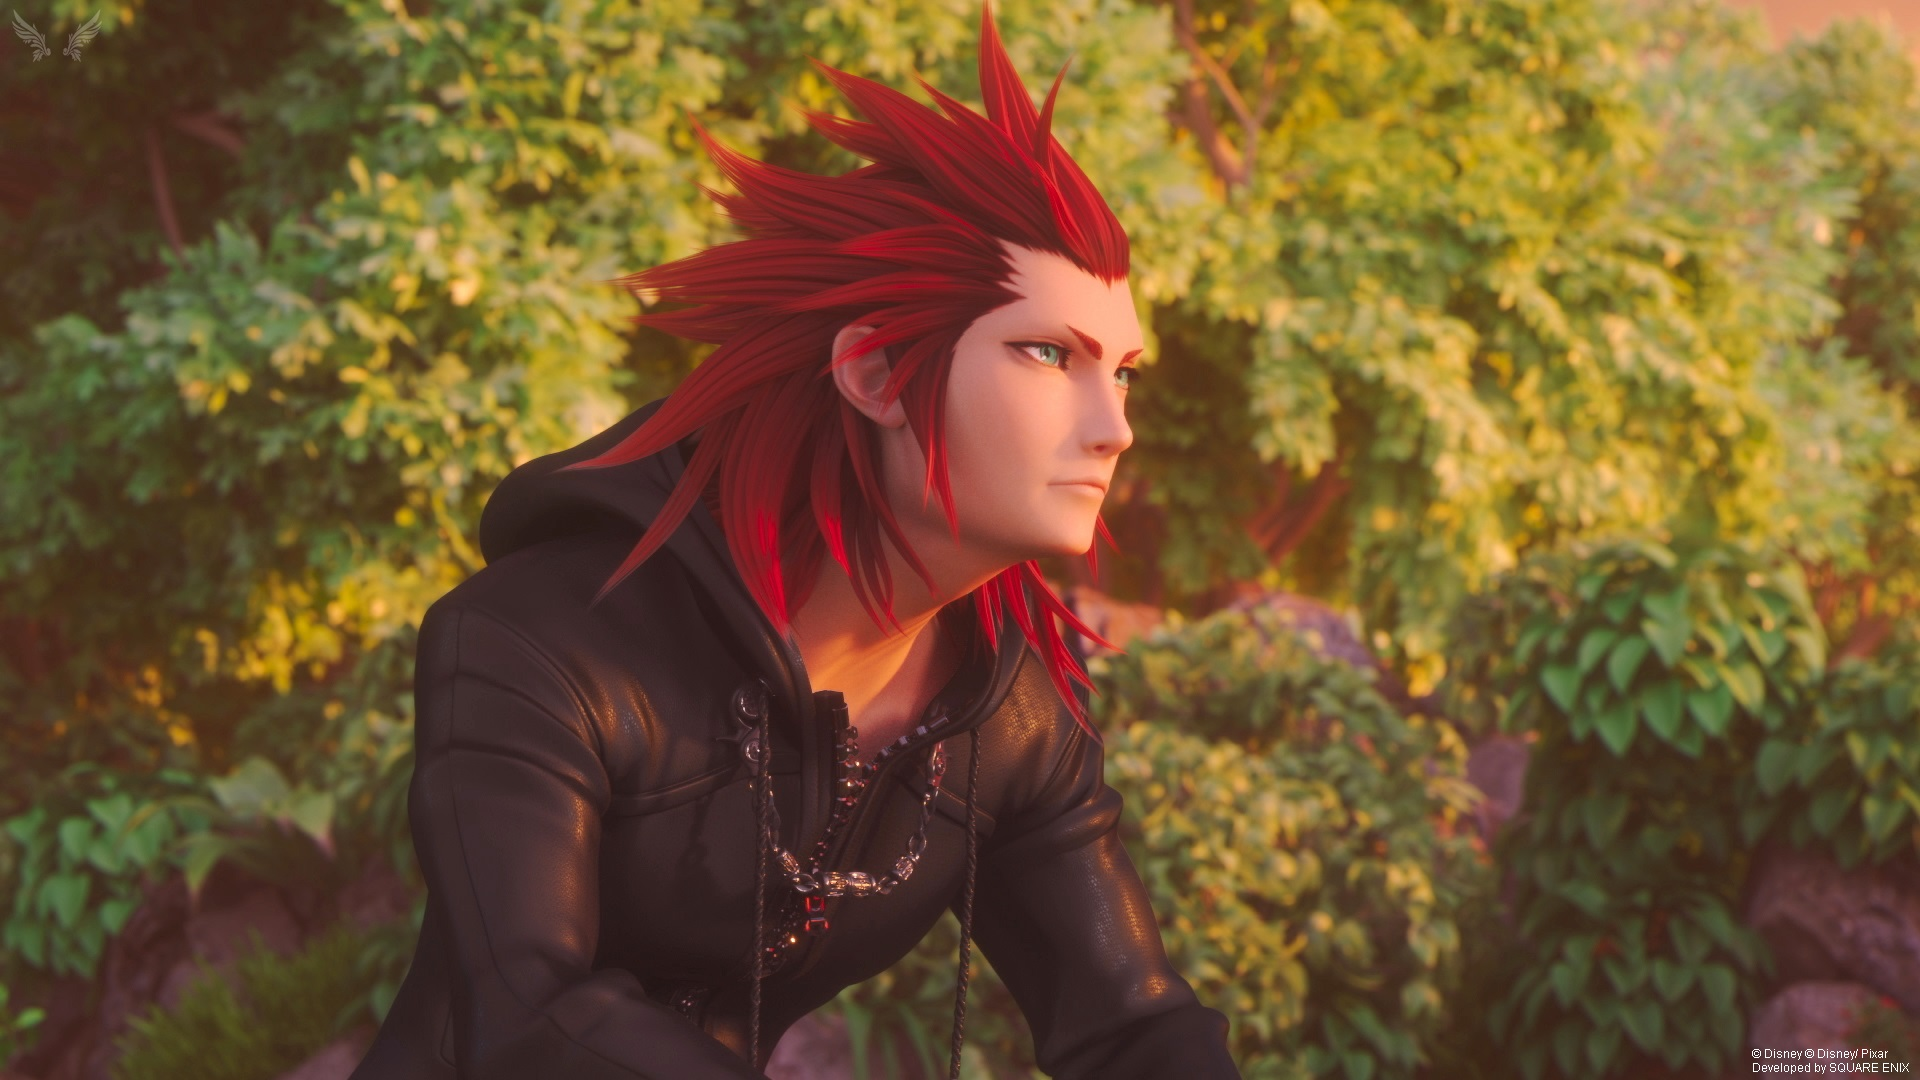 Possibilità di elementi online in Kingdom Hearts III?